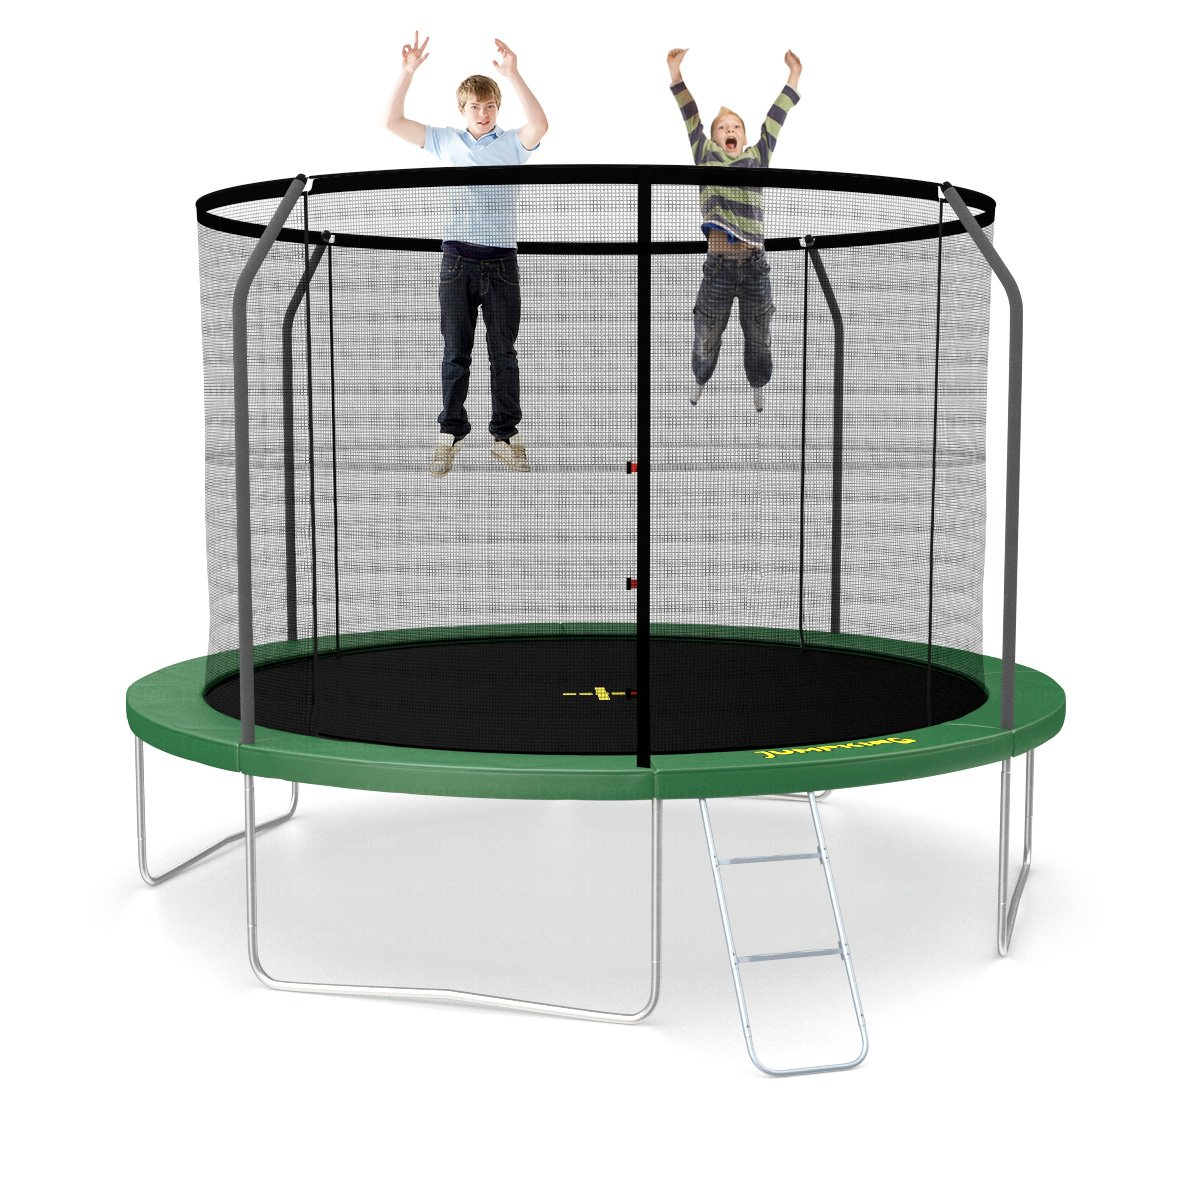 jumpking classic trampolin 366 cm mit netz und leiter. Black Bedroom Furniture Sets. Home Design Ideas